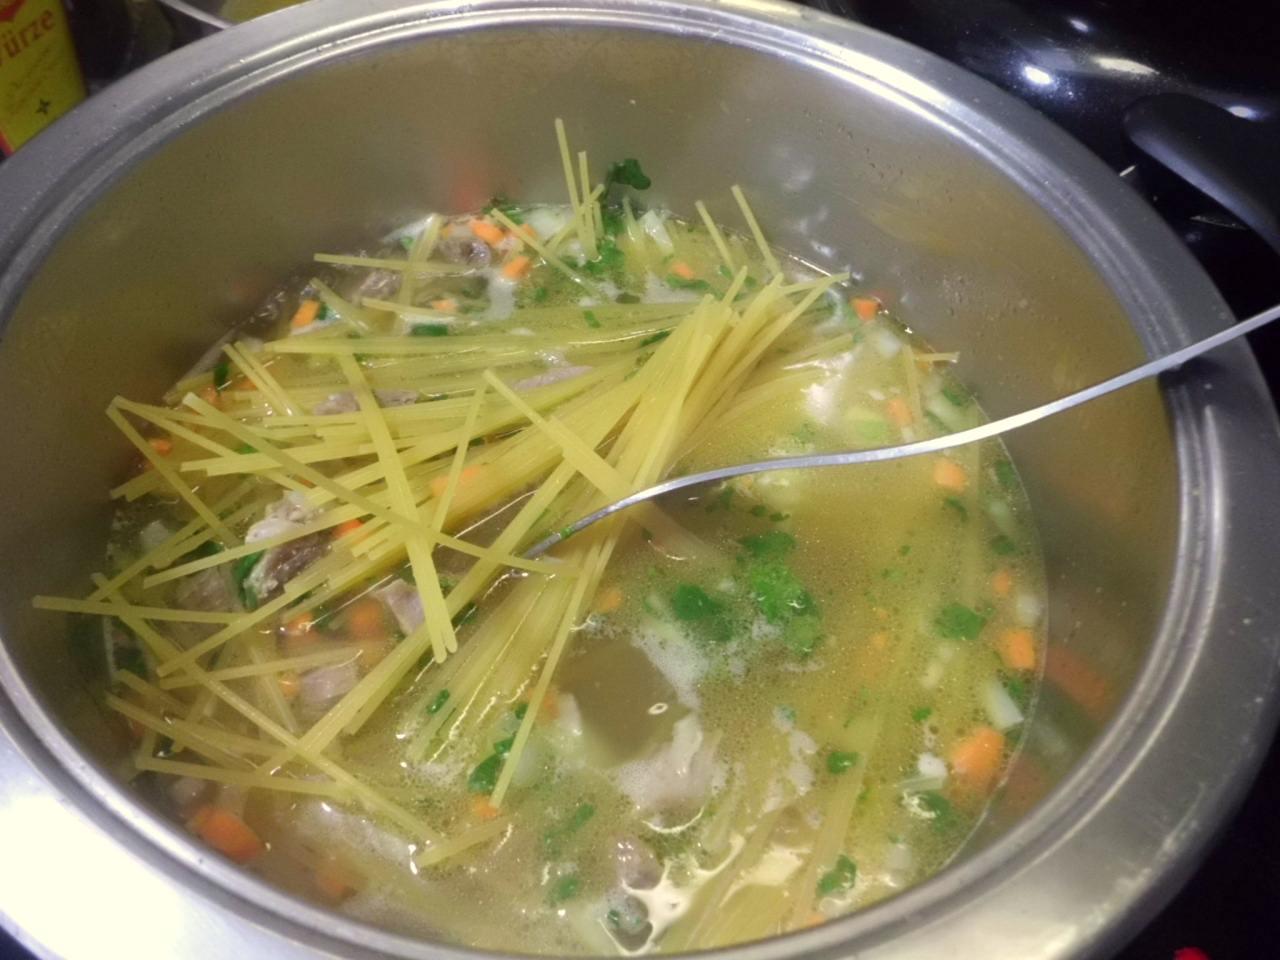 die Spaghetti in die kochende Brühe geben und unter ständigem rühren die Nudel locker halten.